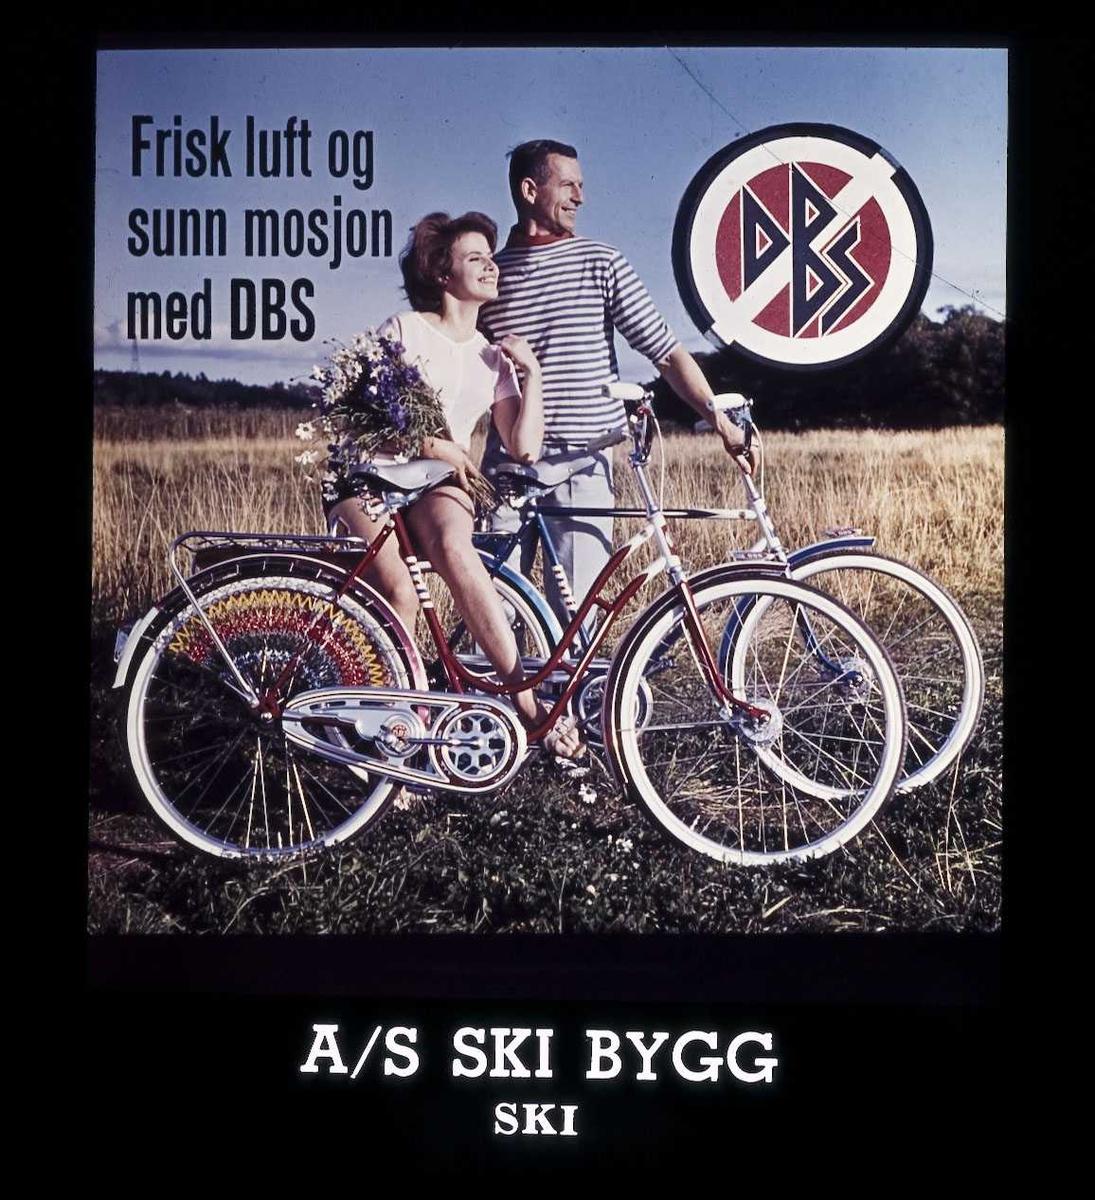 Kinoreklame fra Ski. Frisk luft og sunn mosjon med DBS (sykkel). A.S Ski Bygg